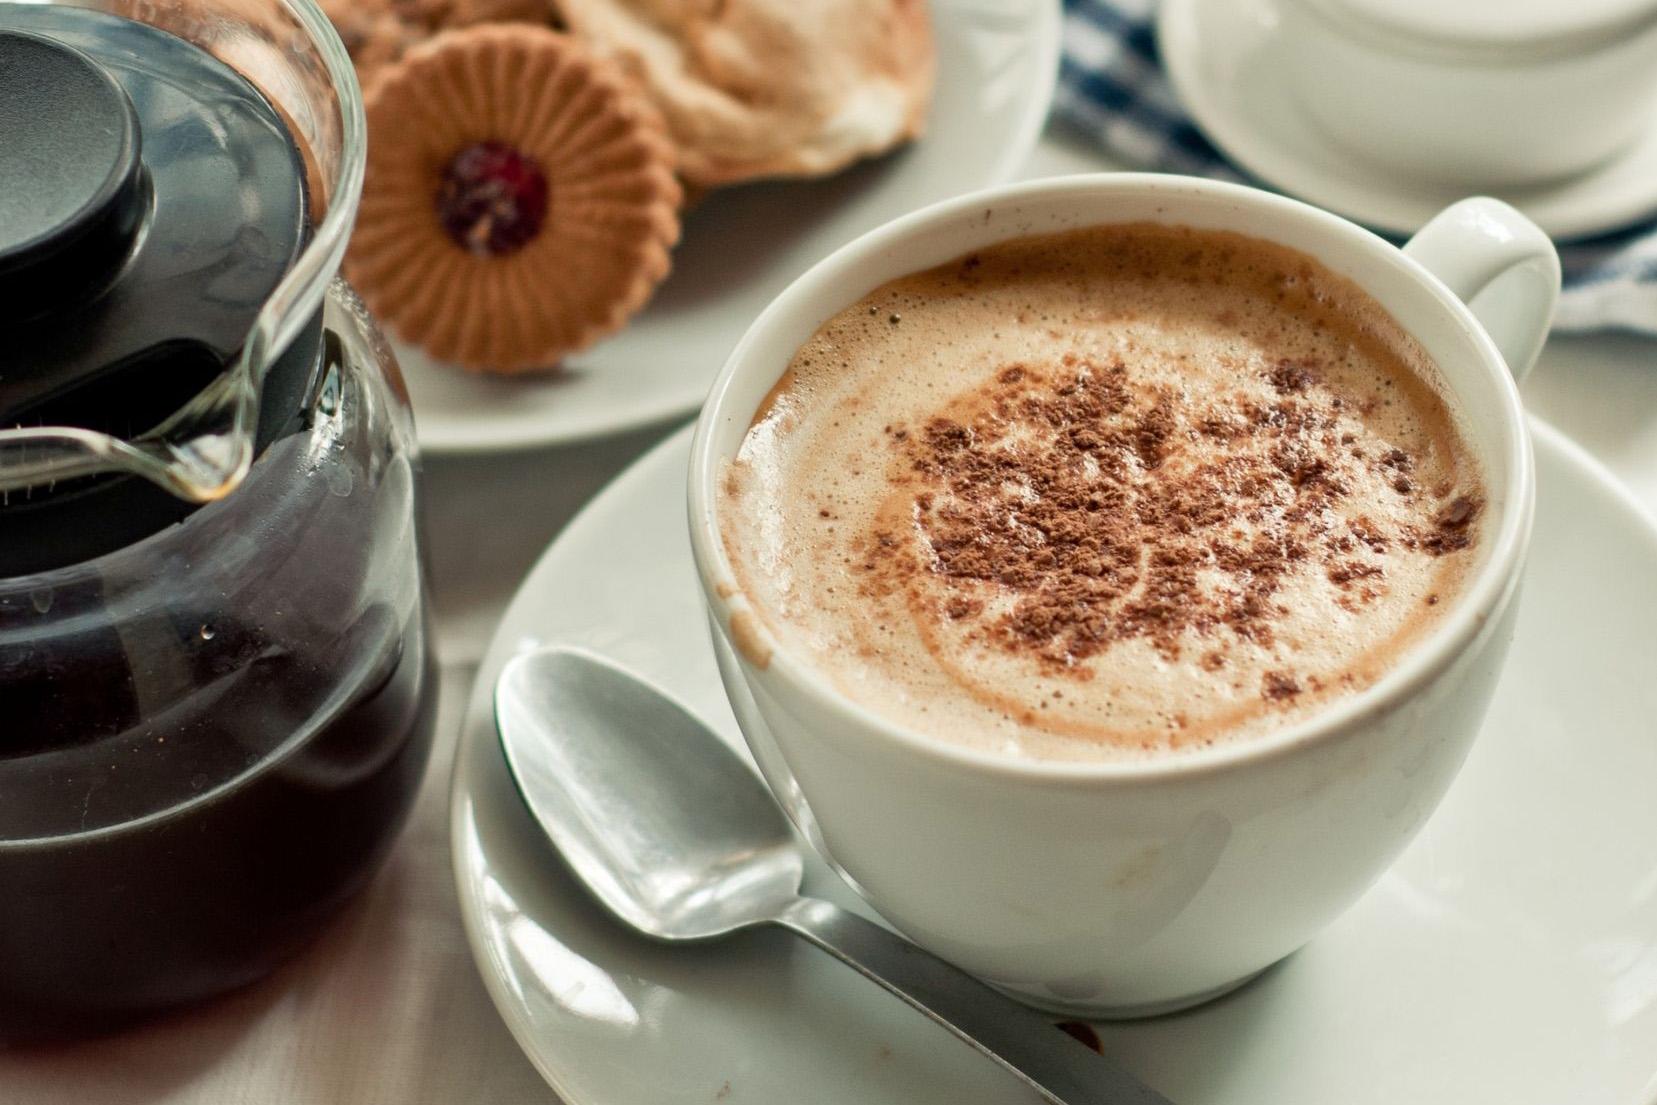 segít a kávé a fogyásban zsírégetési feliratok